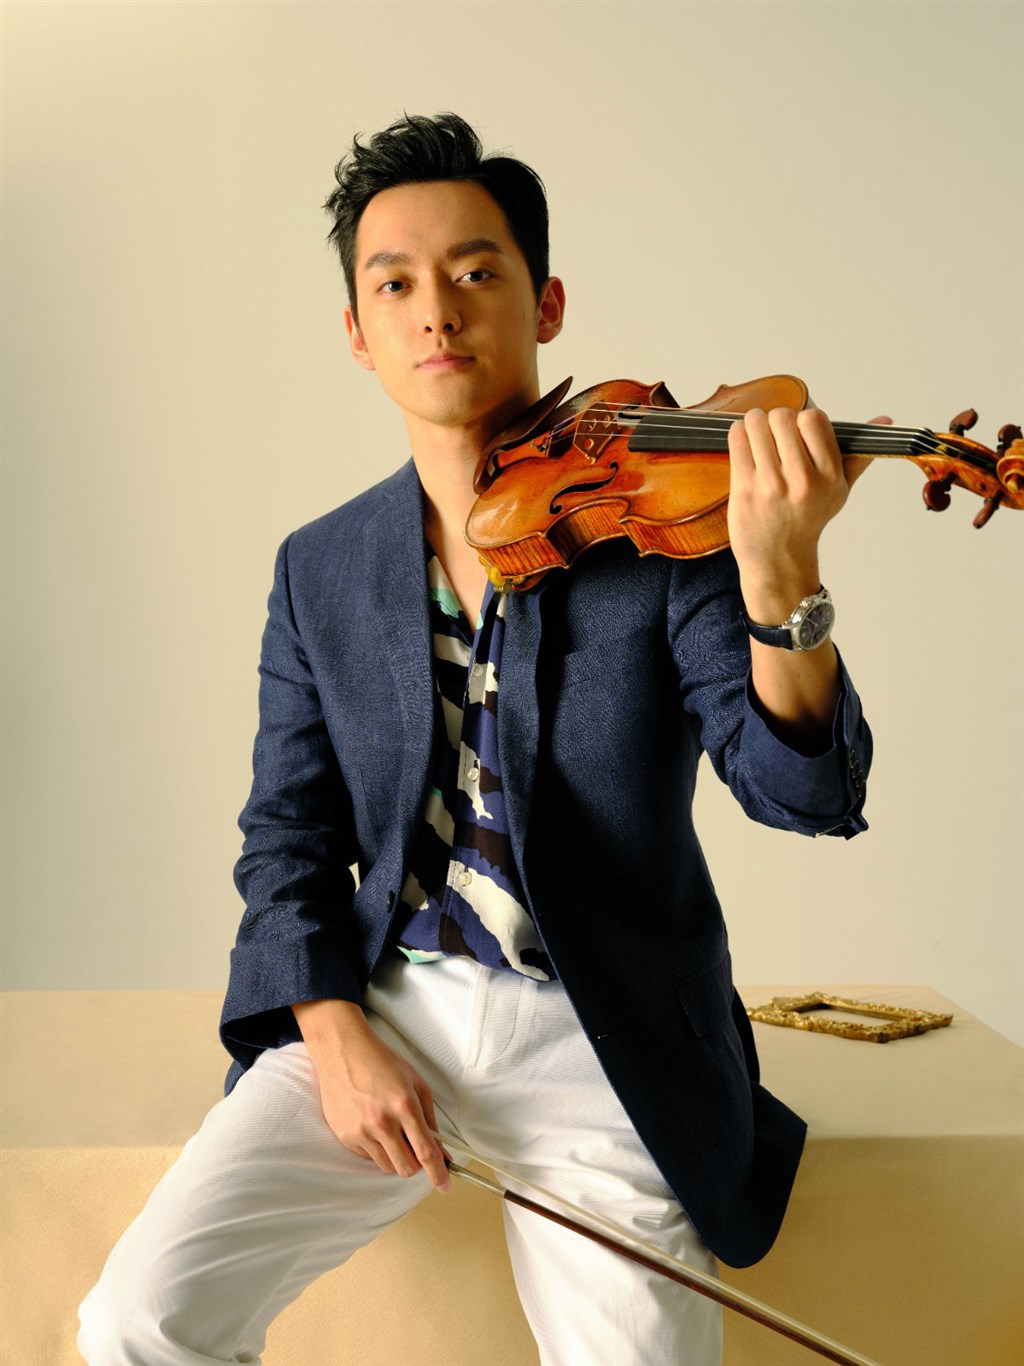 第58屆十大傑出青年當選名單17日揭曉,小提琴家曾宇謙獲得文化及藝術類獎項。(圖取自facebook.com/YuchienTseng.violin)